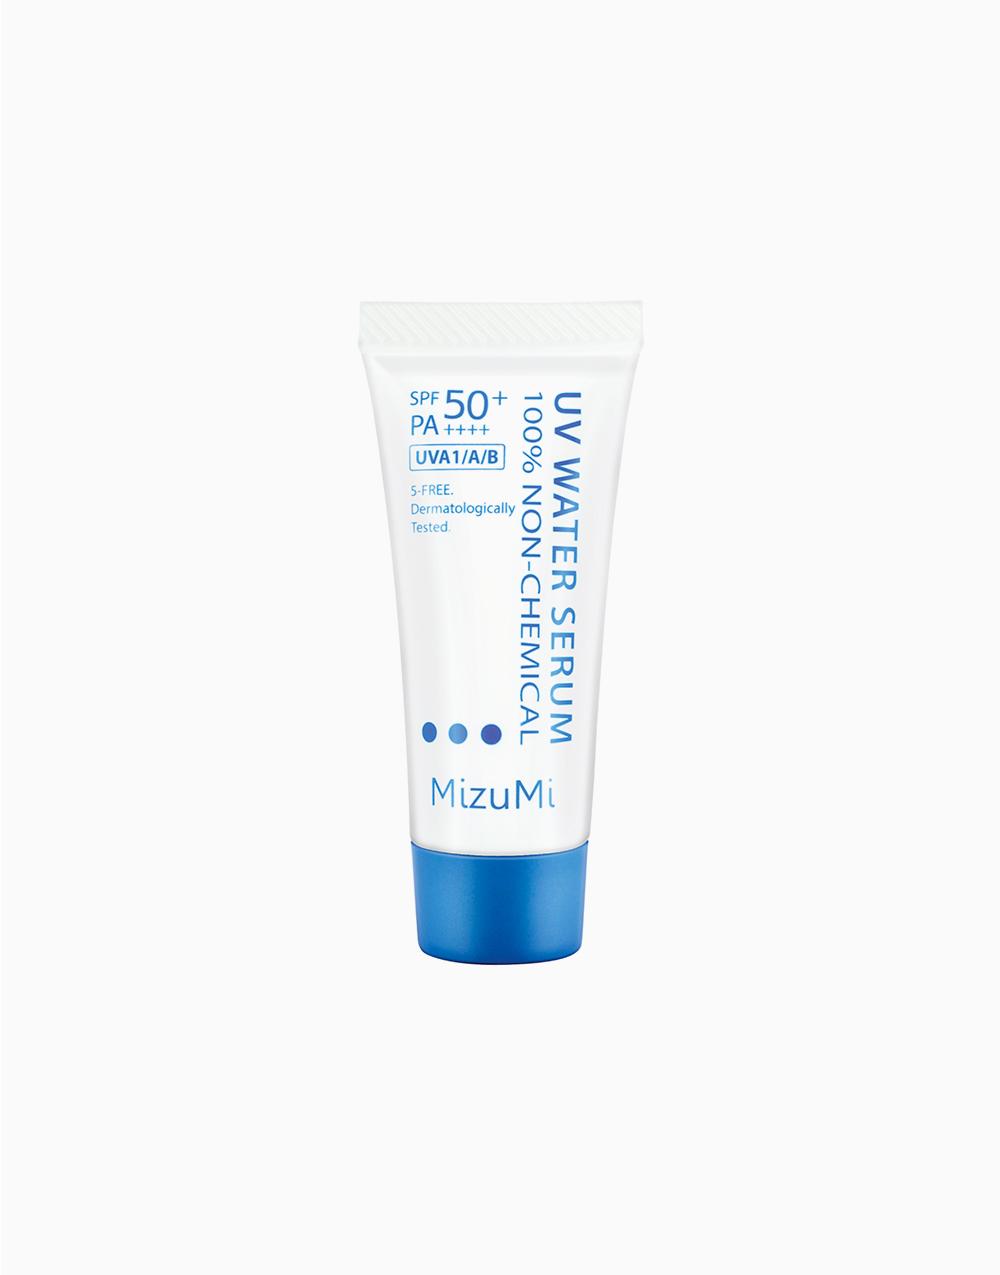 UV Water Sunscreen Serum (8g) by MizuMi